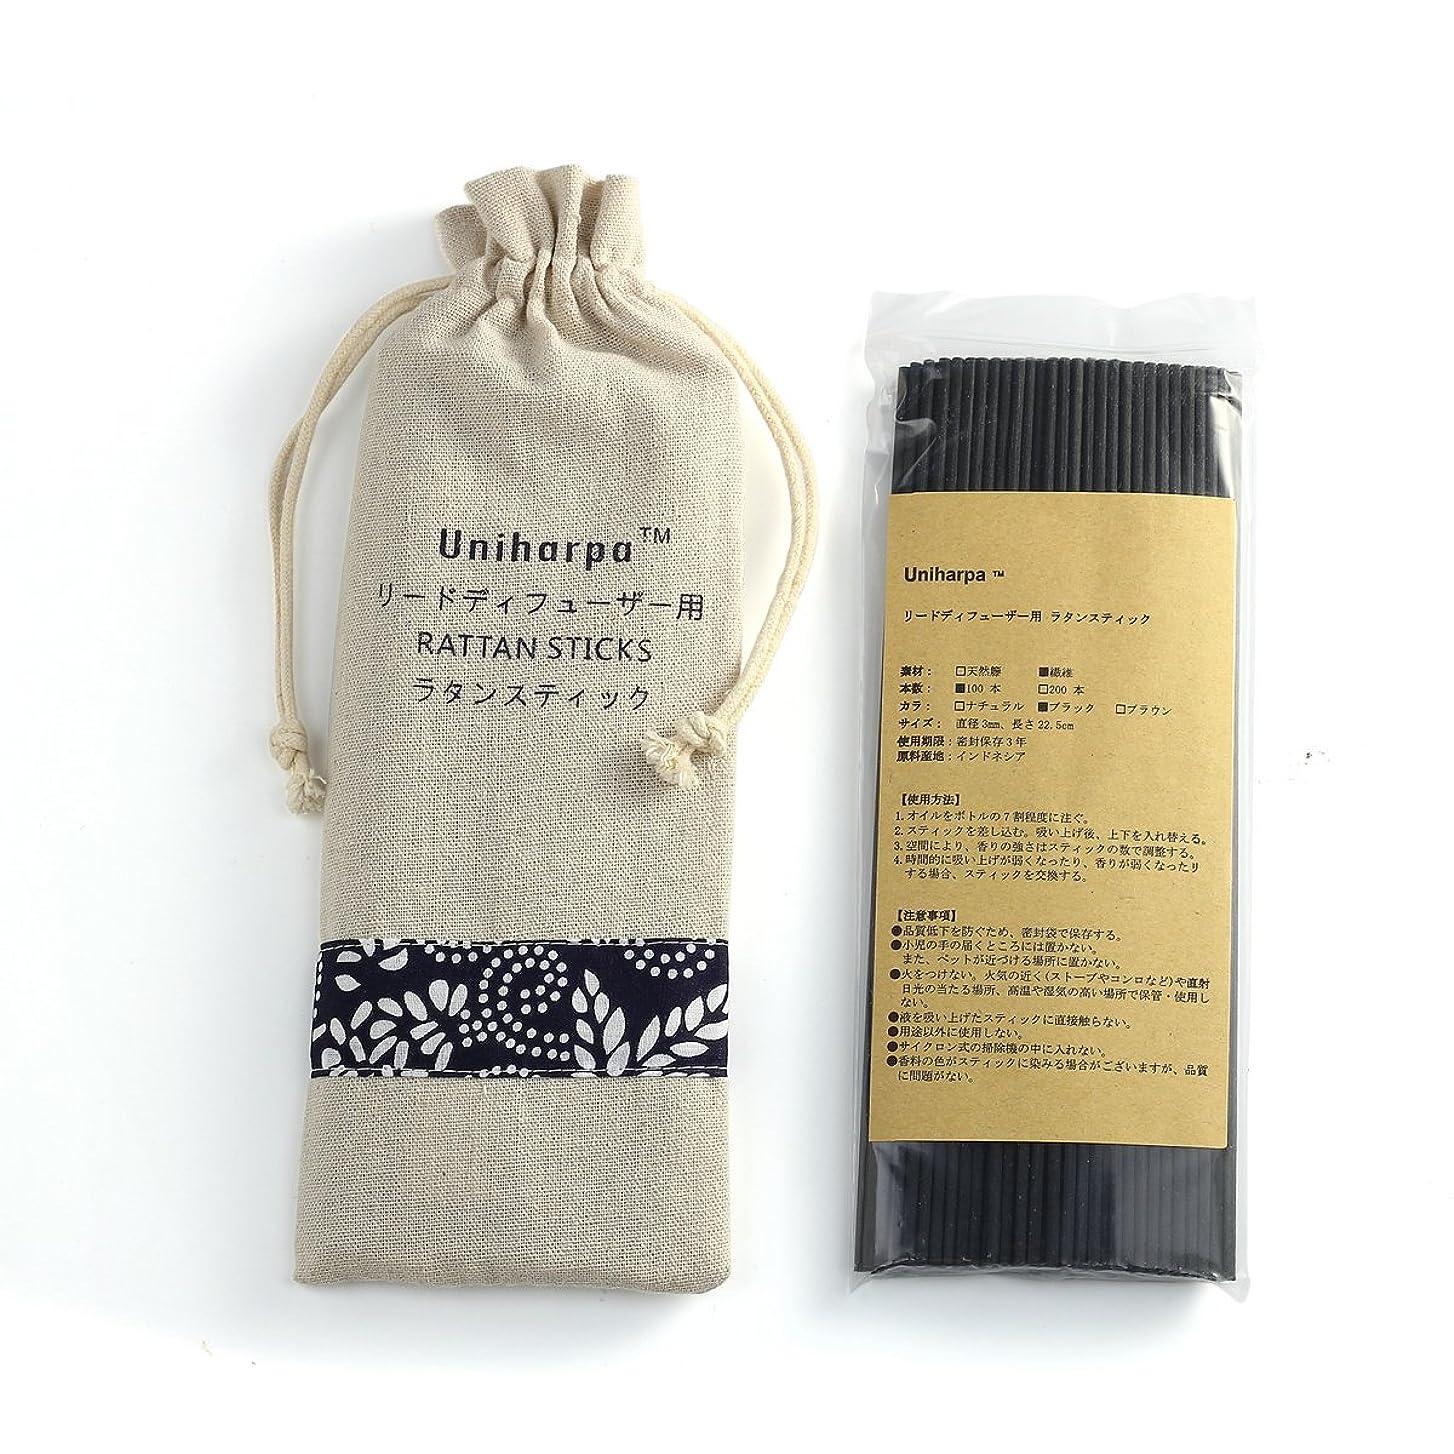 ハブ王女今晩リードディフューザー用 ラタンスティック/リードスティック リフィル 繊維素材 22.5cm 直径3mm 100本入 乾燥剤入り オリジナル旅行専用袋付 (ブラック)